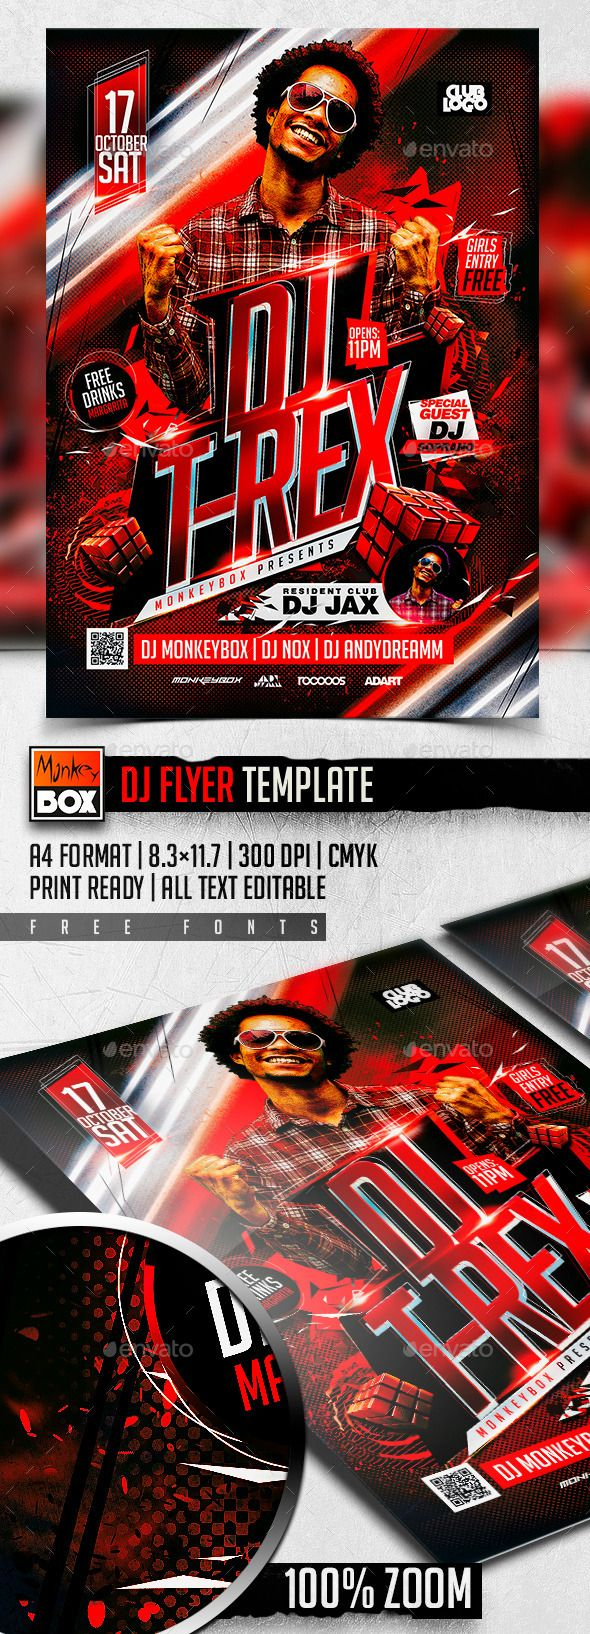 Dj Flyer Template   Pinterest   Flyer template, Template and Flyer ...